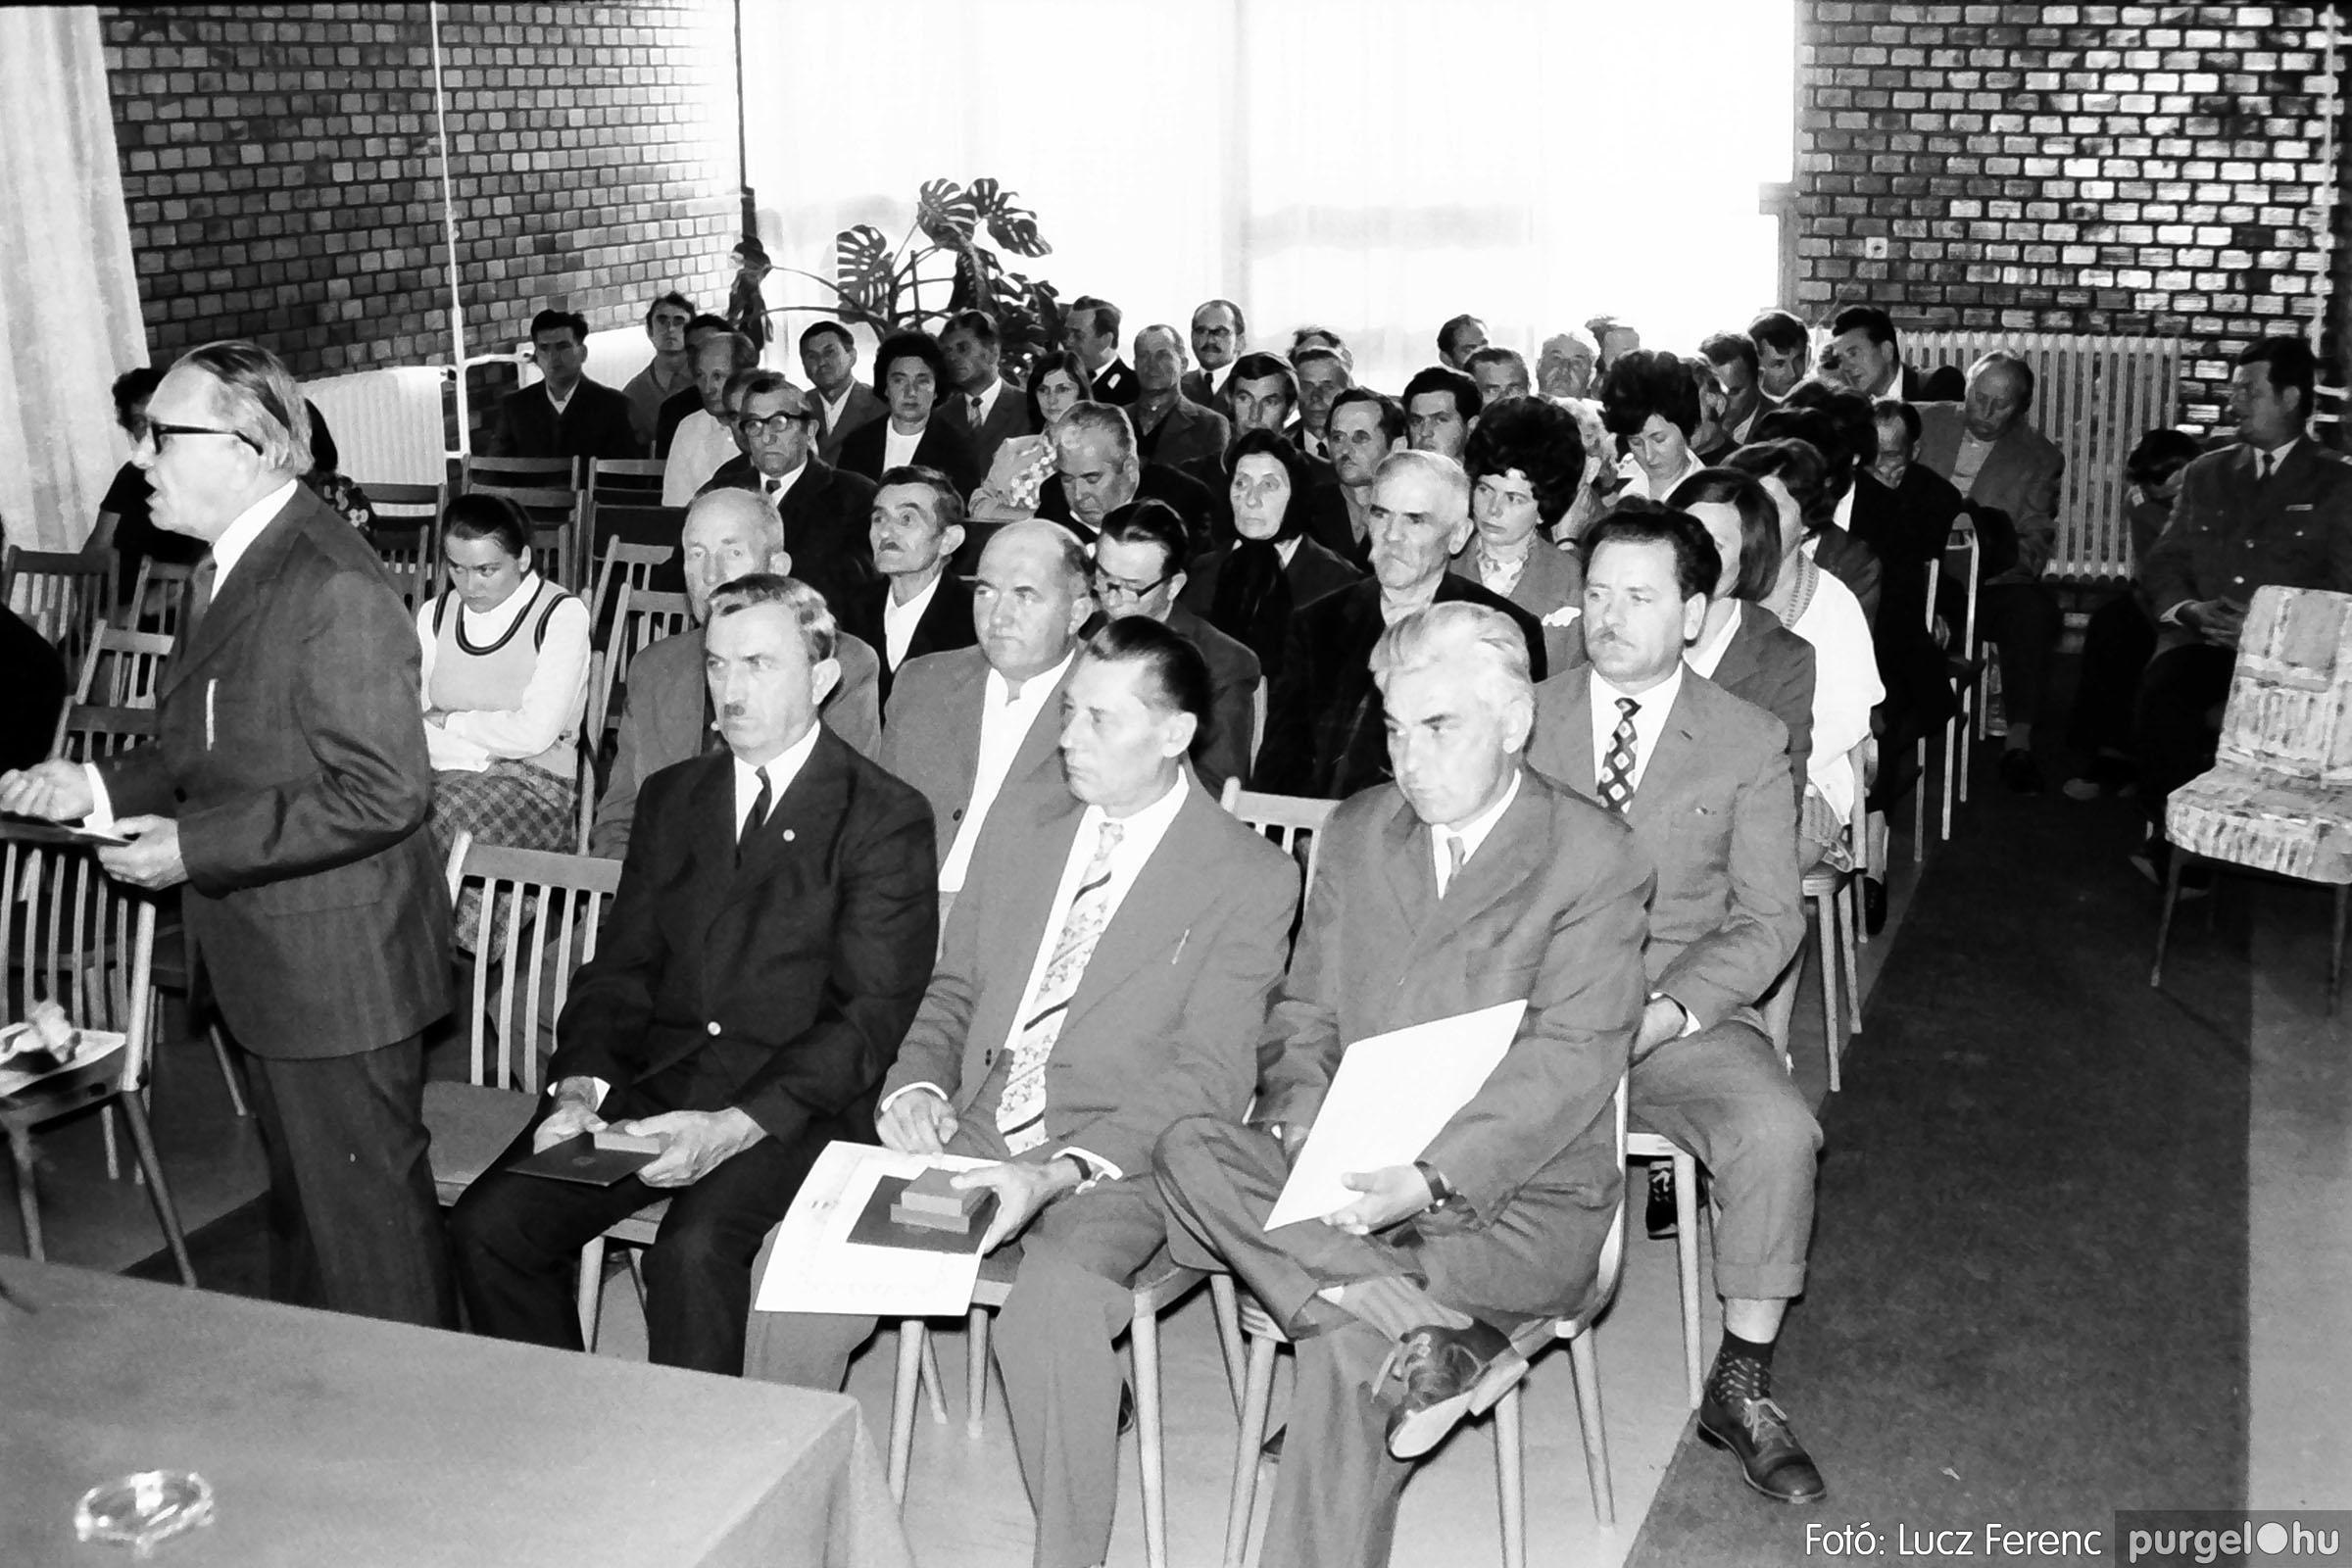 022 1975. Ünnepi ülés a tanácsházán 010 - Fotó: Lucz Ferenc .jpg